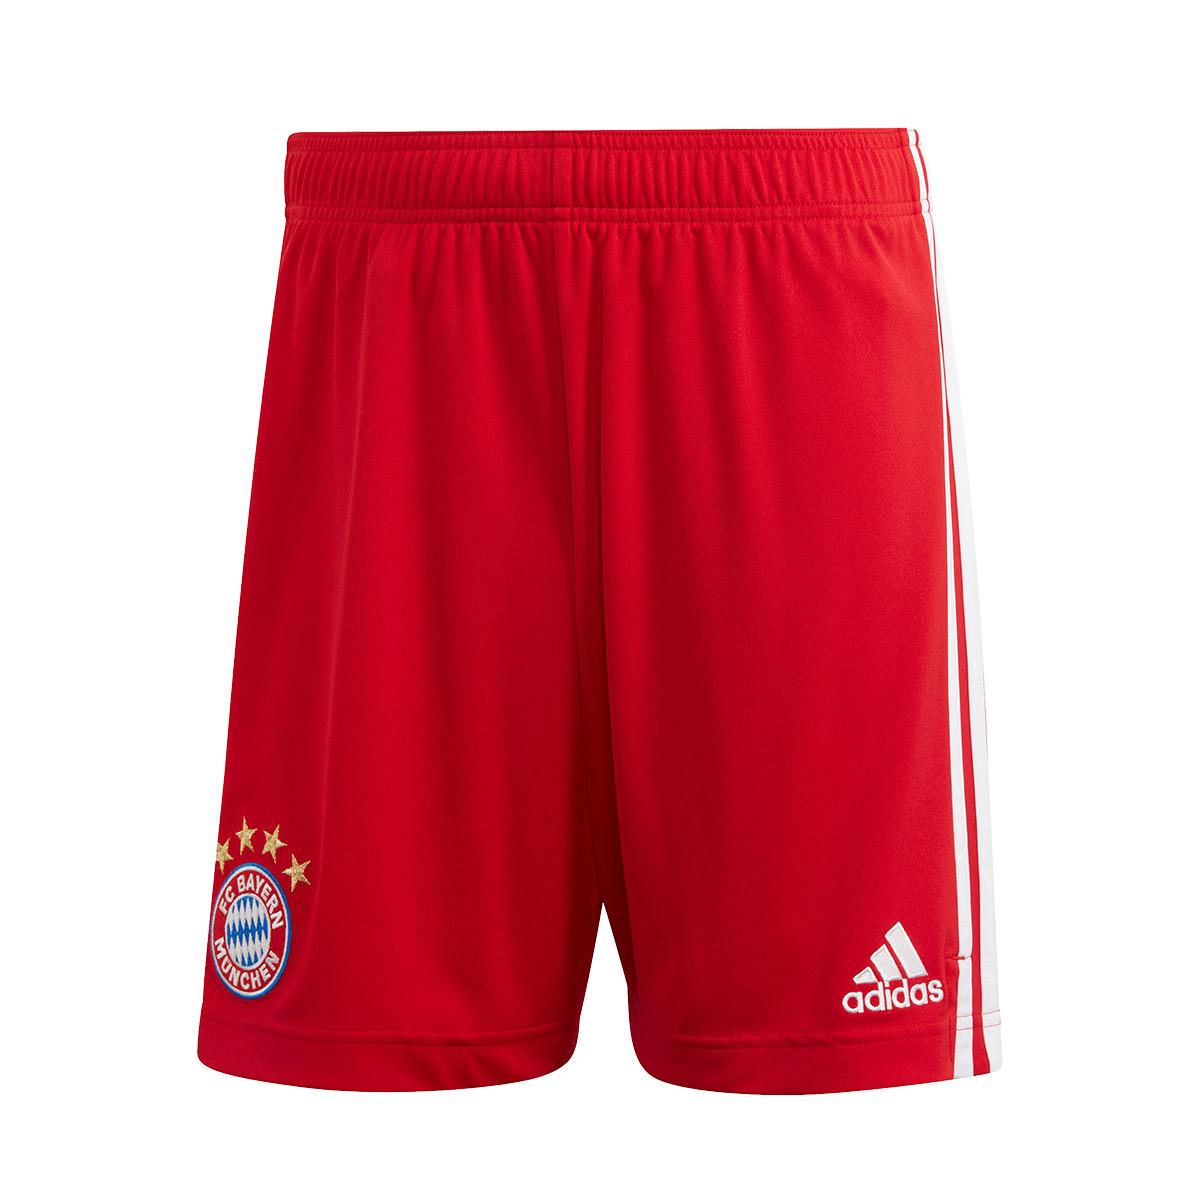 Incomodidad maquillaje Deportes  Pantalón corto adidas FC Bayern Munich Primera Equipación 2020-2021 True  red - Tienda de fútbol Fútbol Emotion